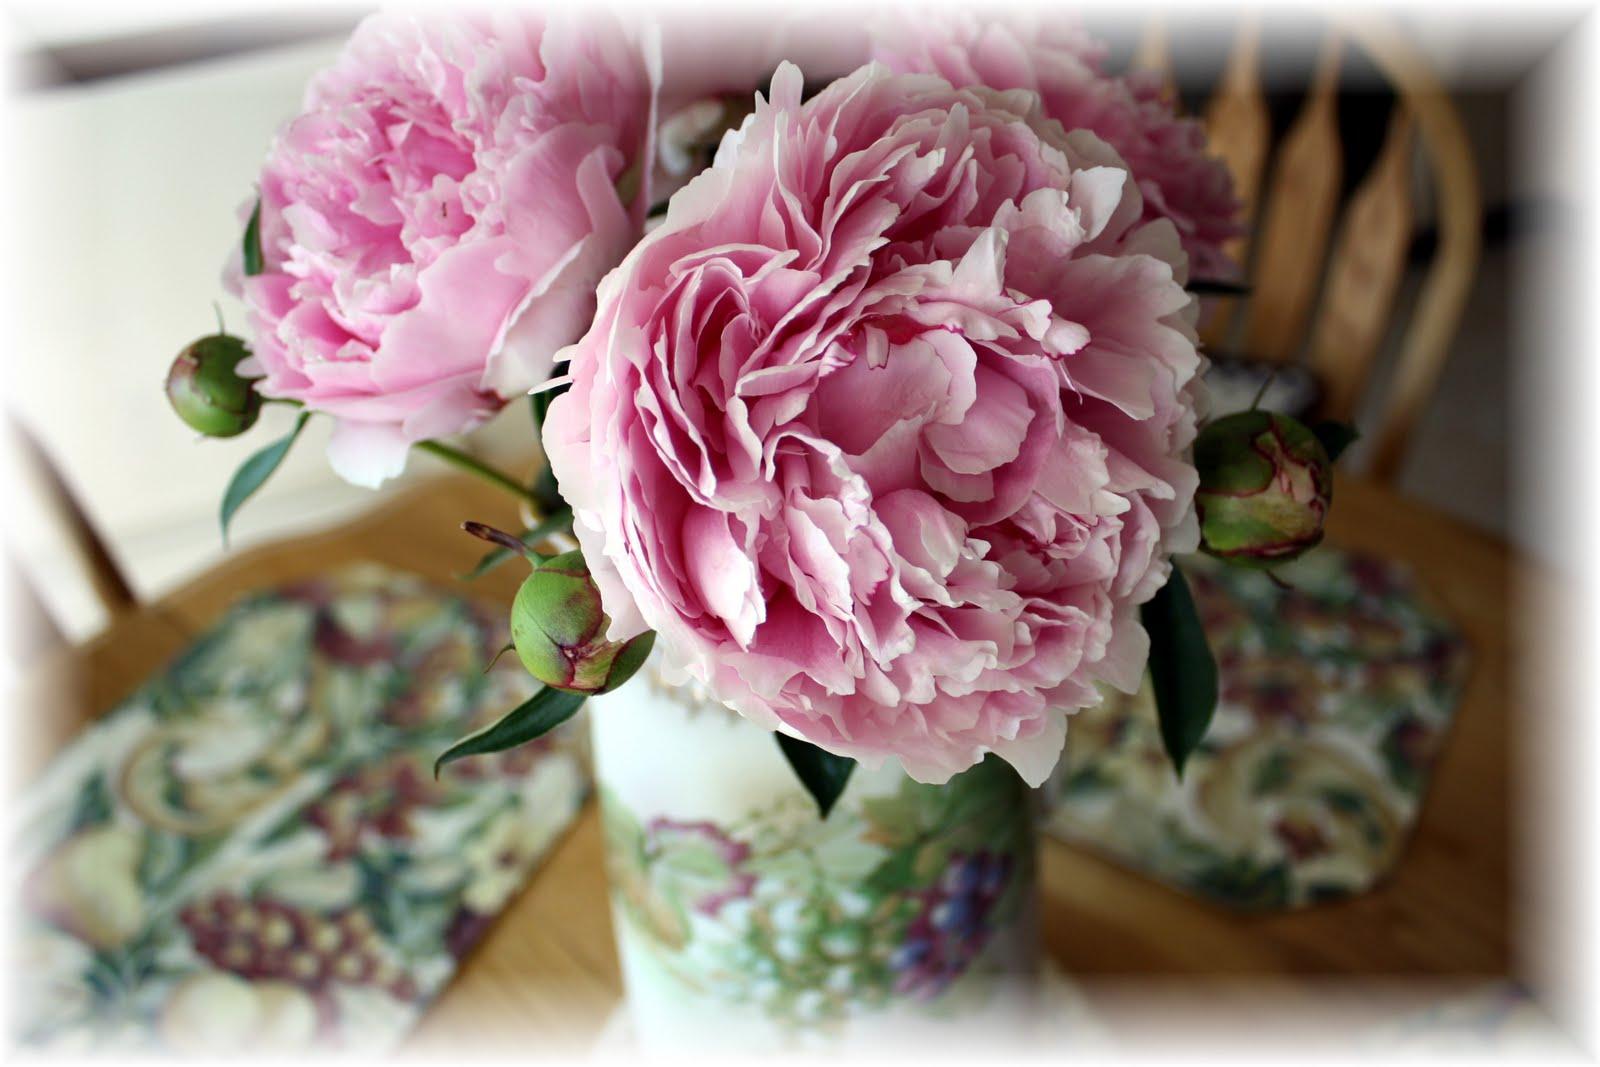 http://4.bp.blogspot.com/_QFdcJfEpj7s/S_s7FL7ys4I/AAAAAAAAAVc/lHXC6eBC3qk/s1600/IMG_5592.JPG